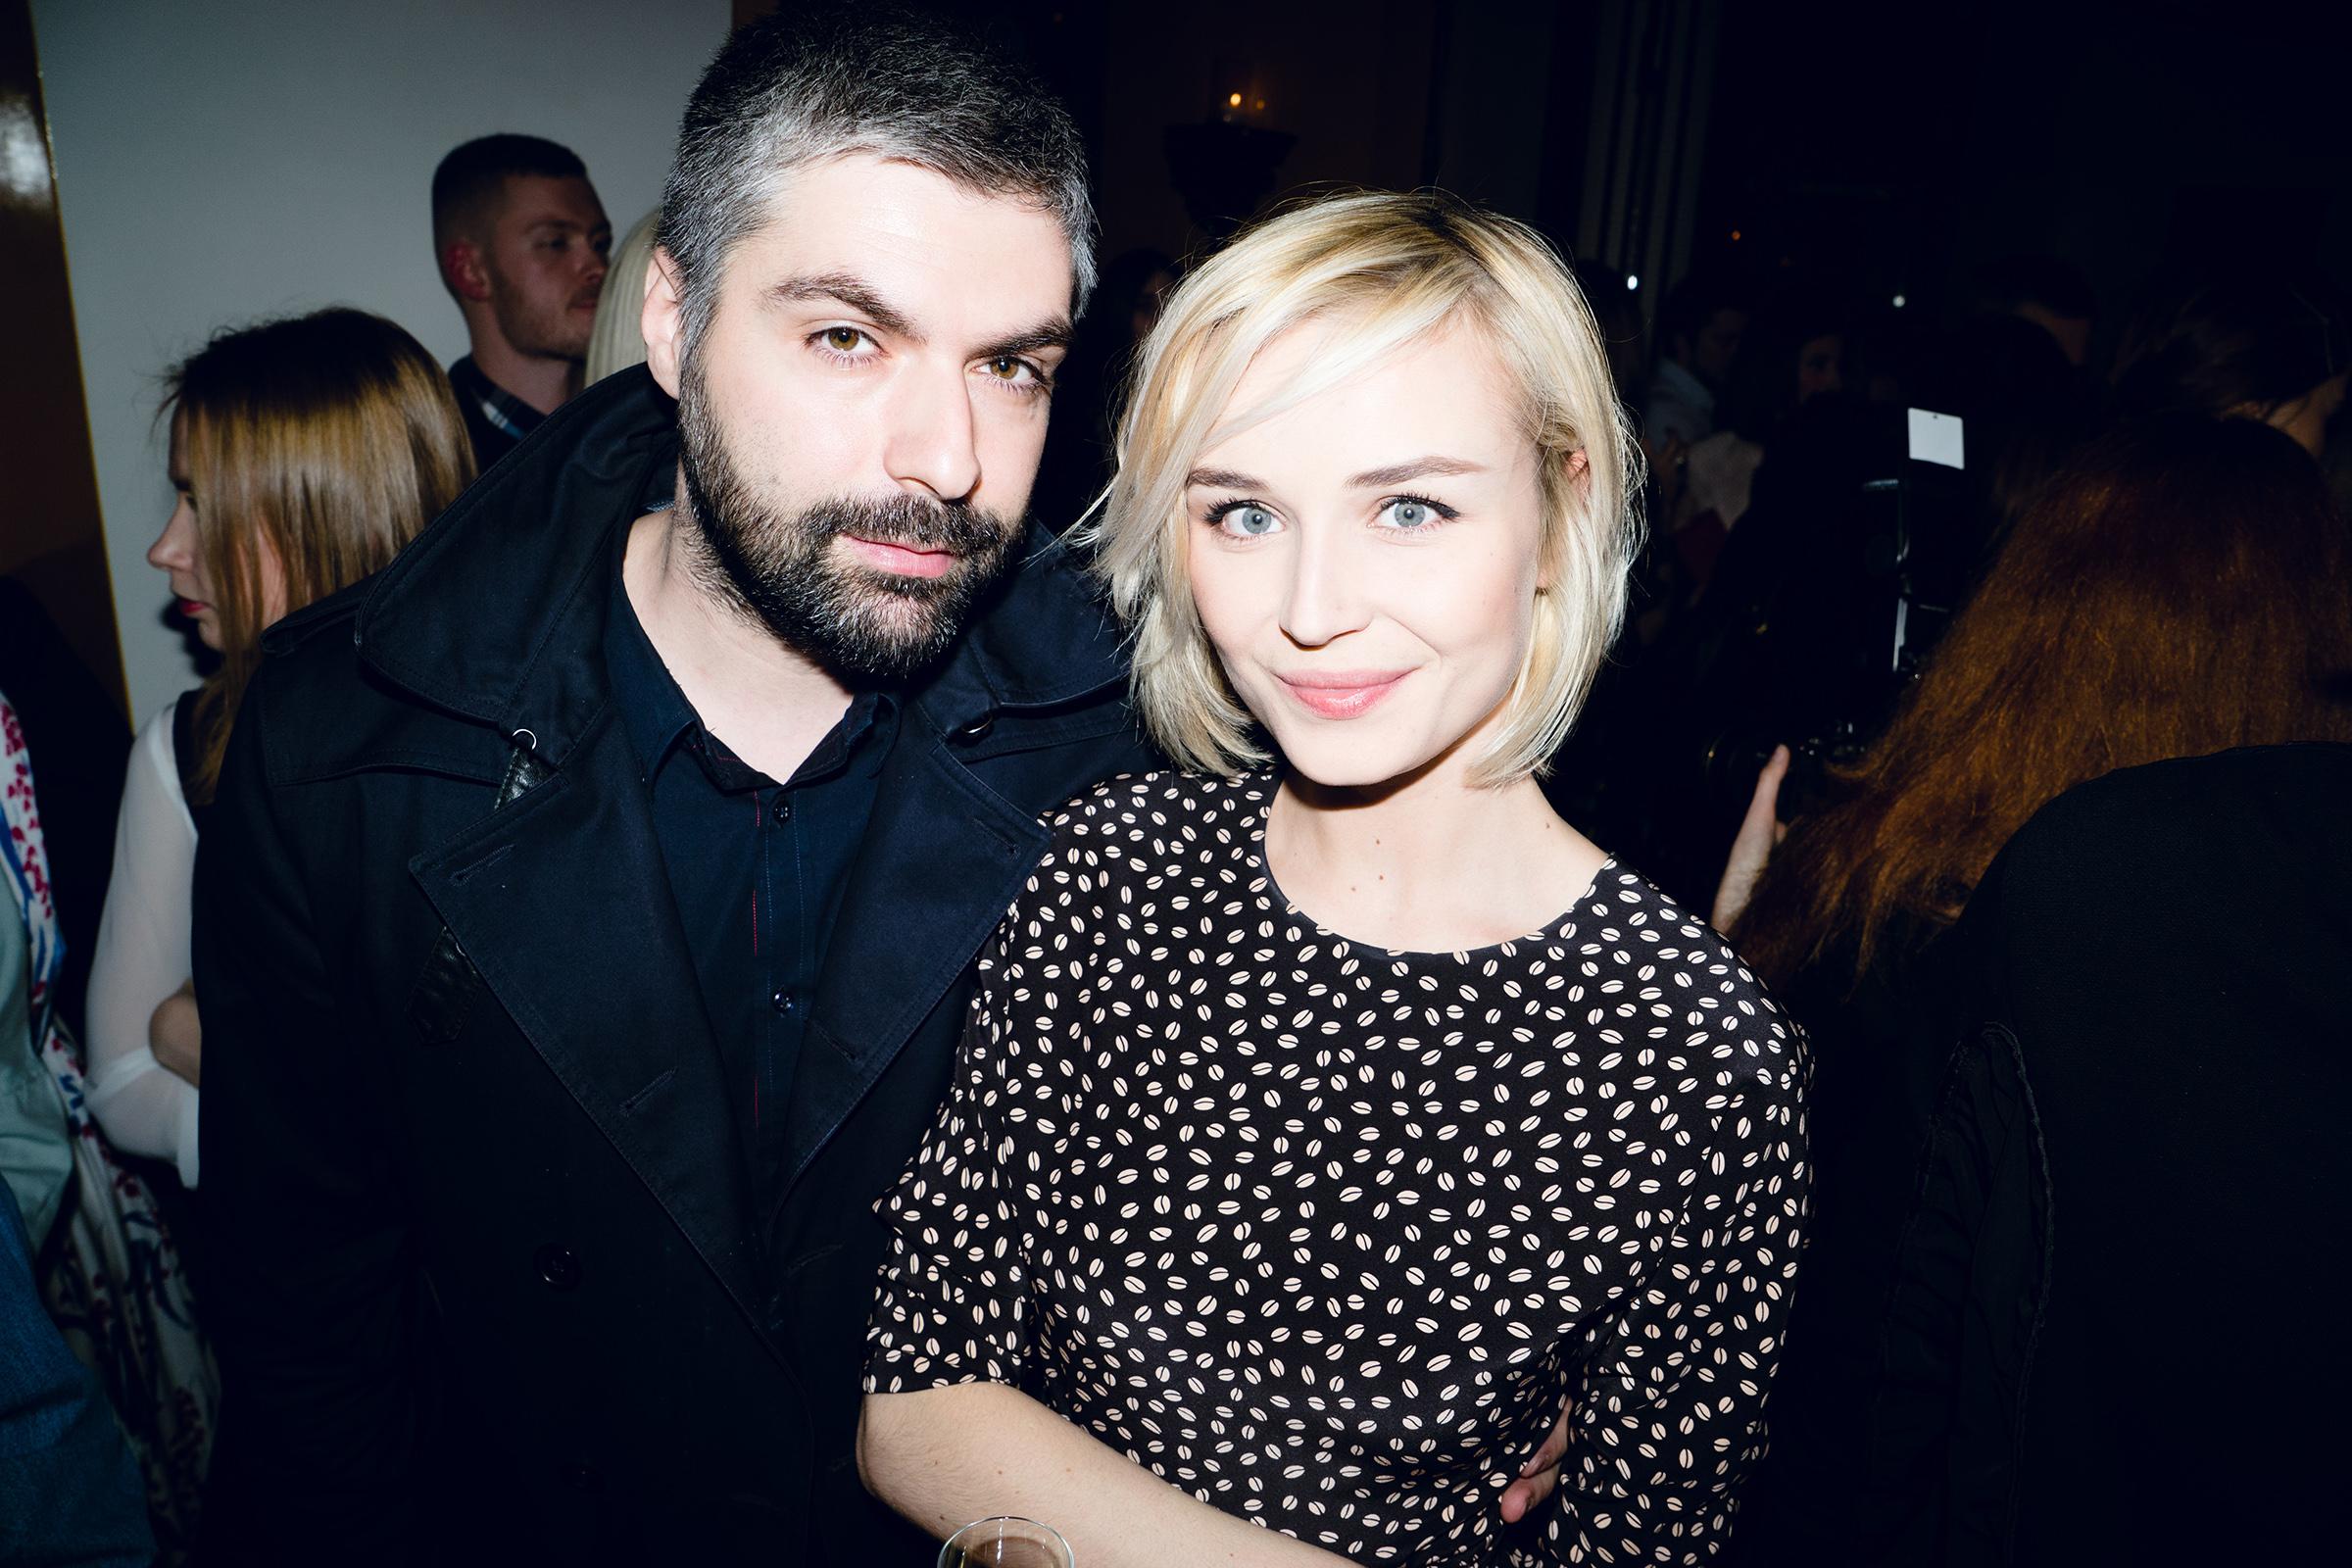 Фотограф Дмитрий Исхаков с певицей Полиной Гагариной